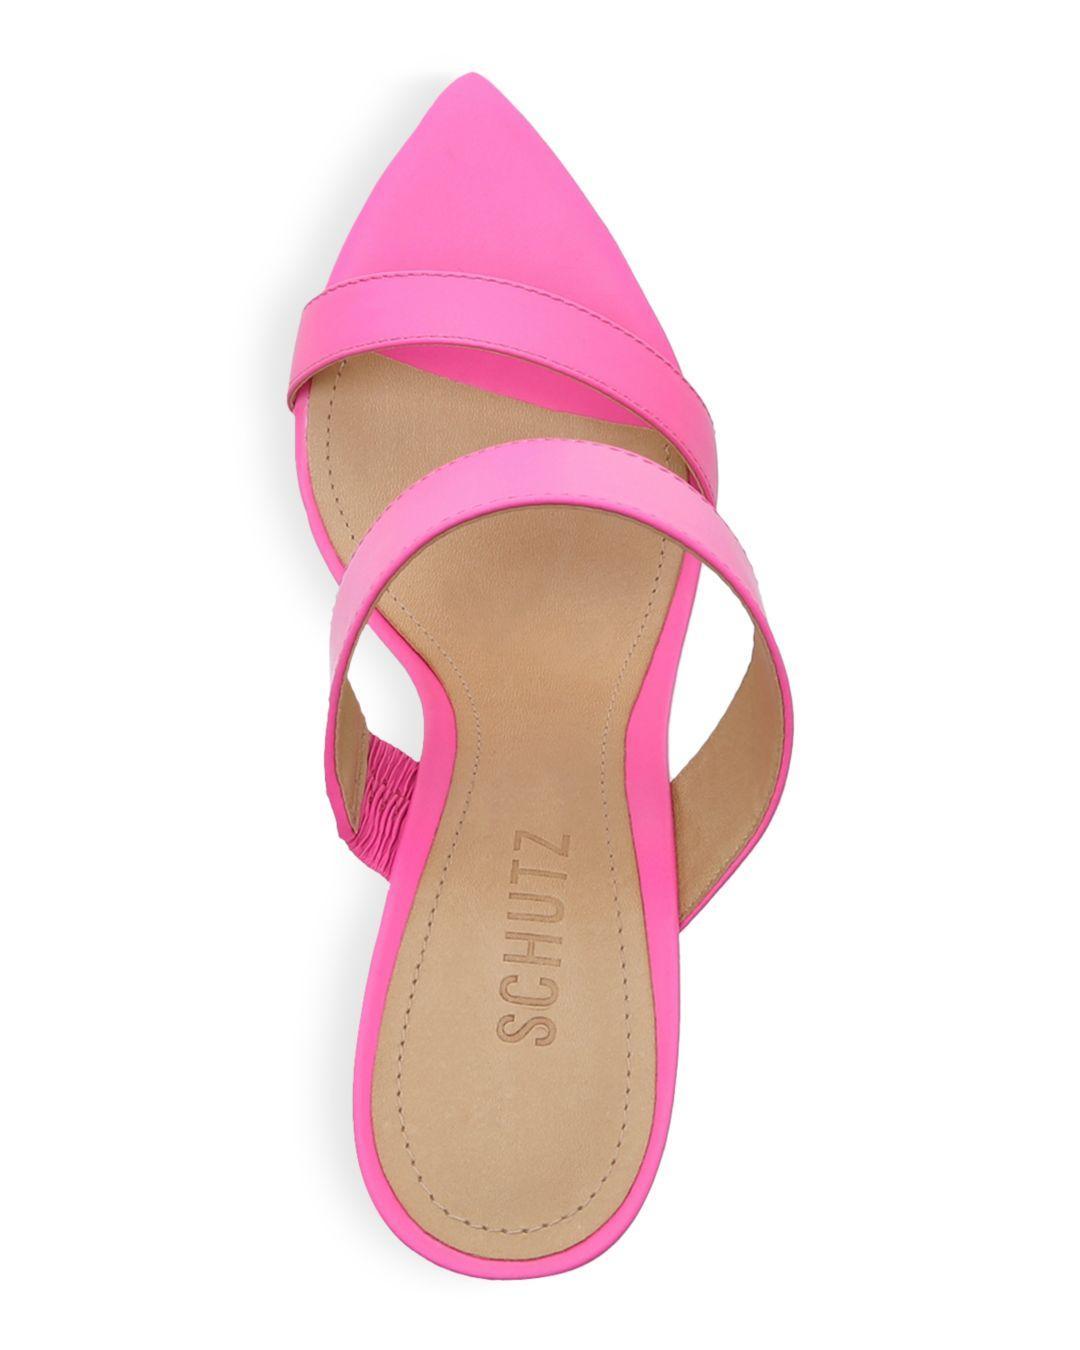 de4eedde0723 Schutz - Pink Women s Soraya High-heel Wedge Sandals - Lyst. View fullscreen